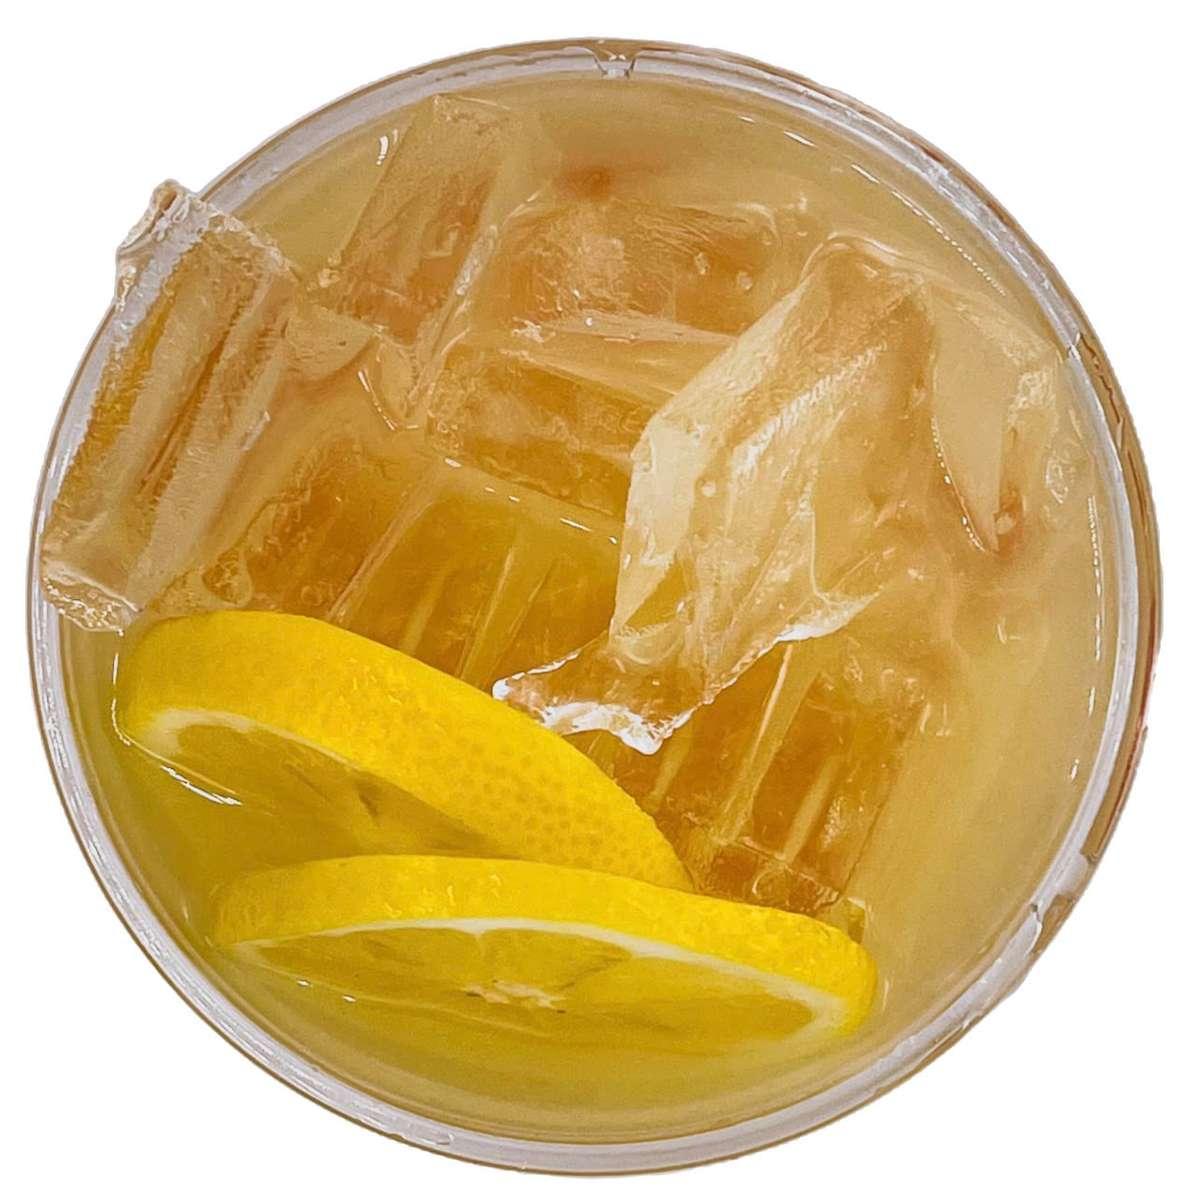 OG Lemonade